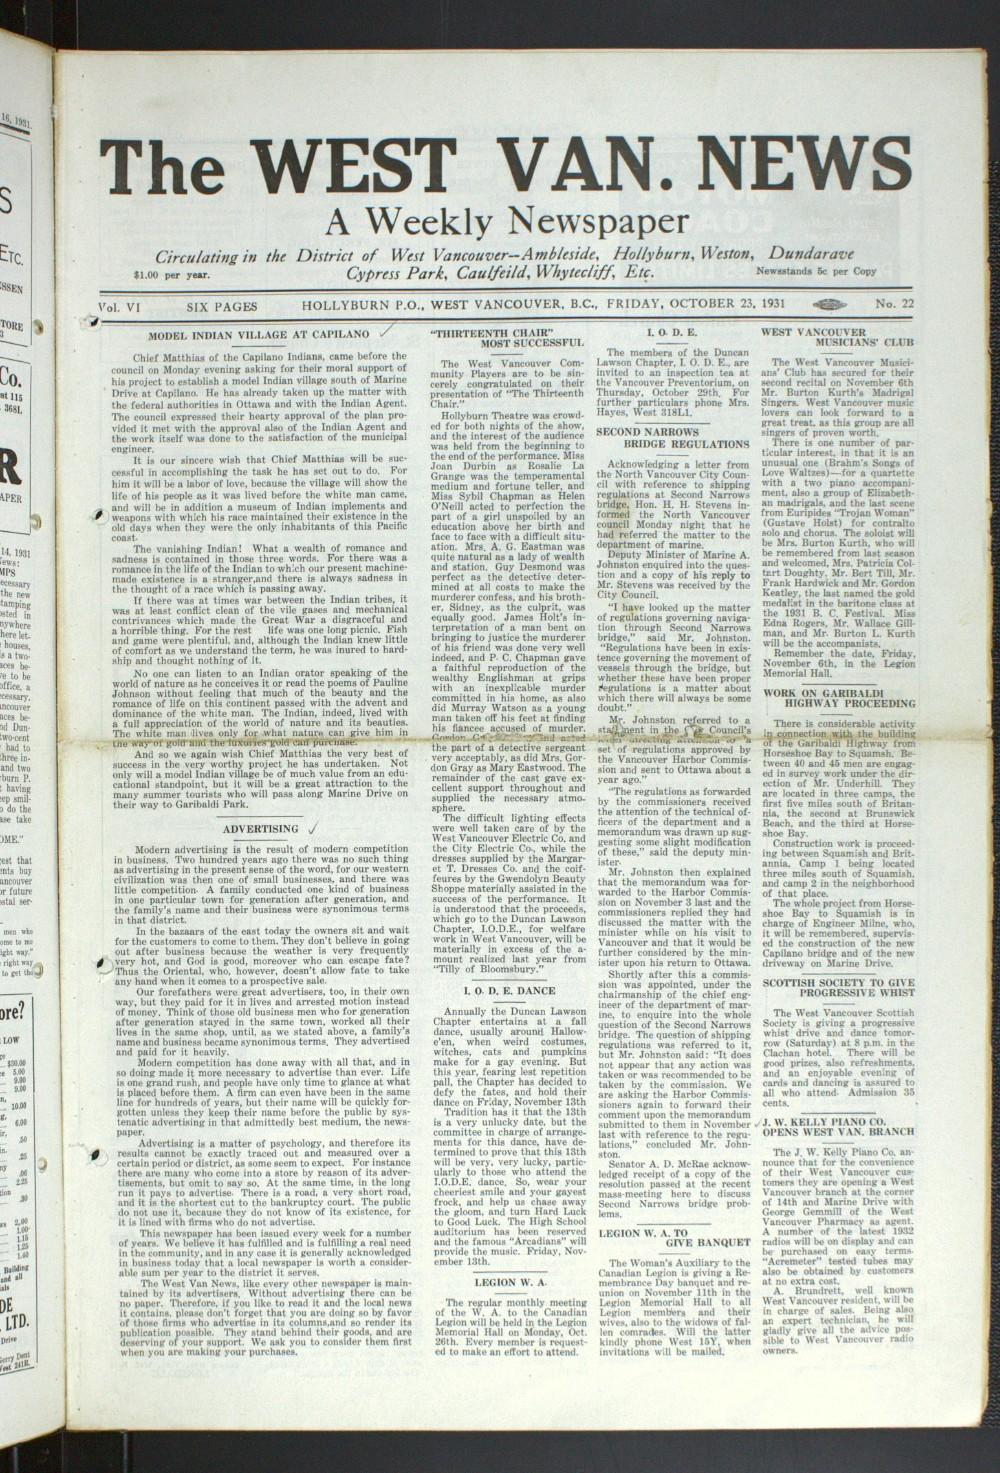 West Van. News (West Vancouver), 23 Oct 1931